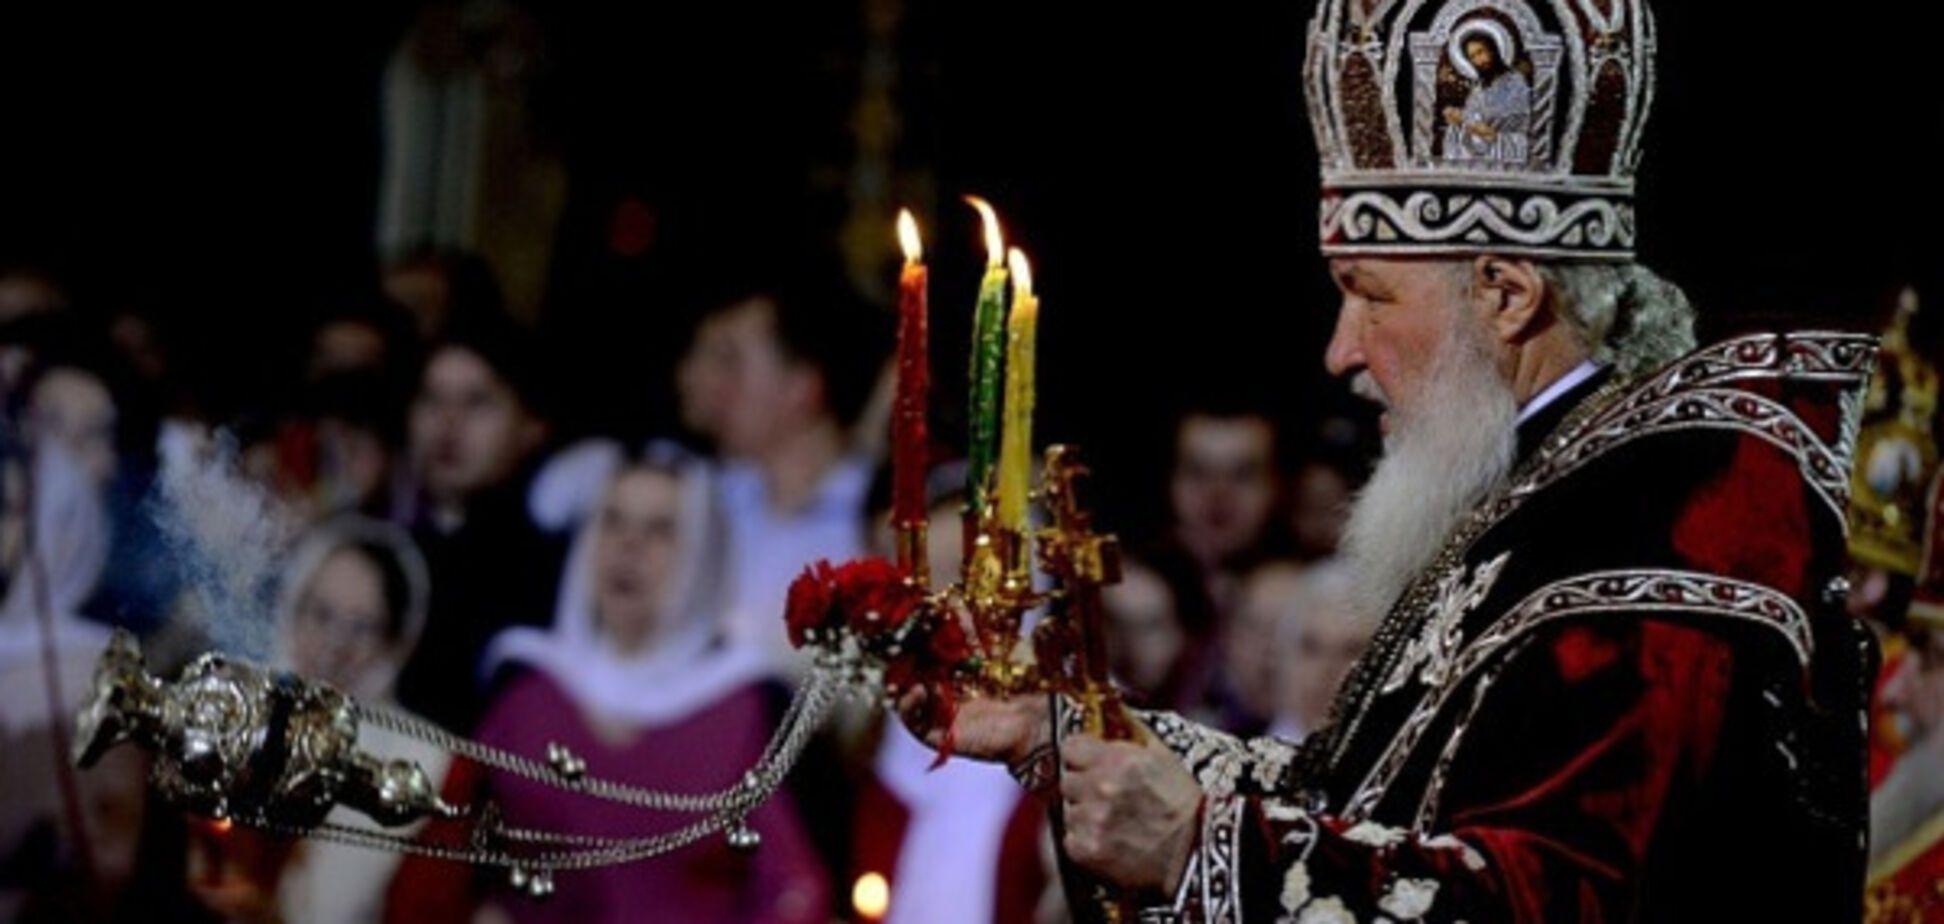 патриарх кирилл гундяев